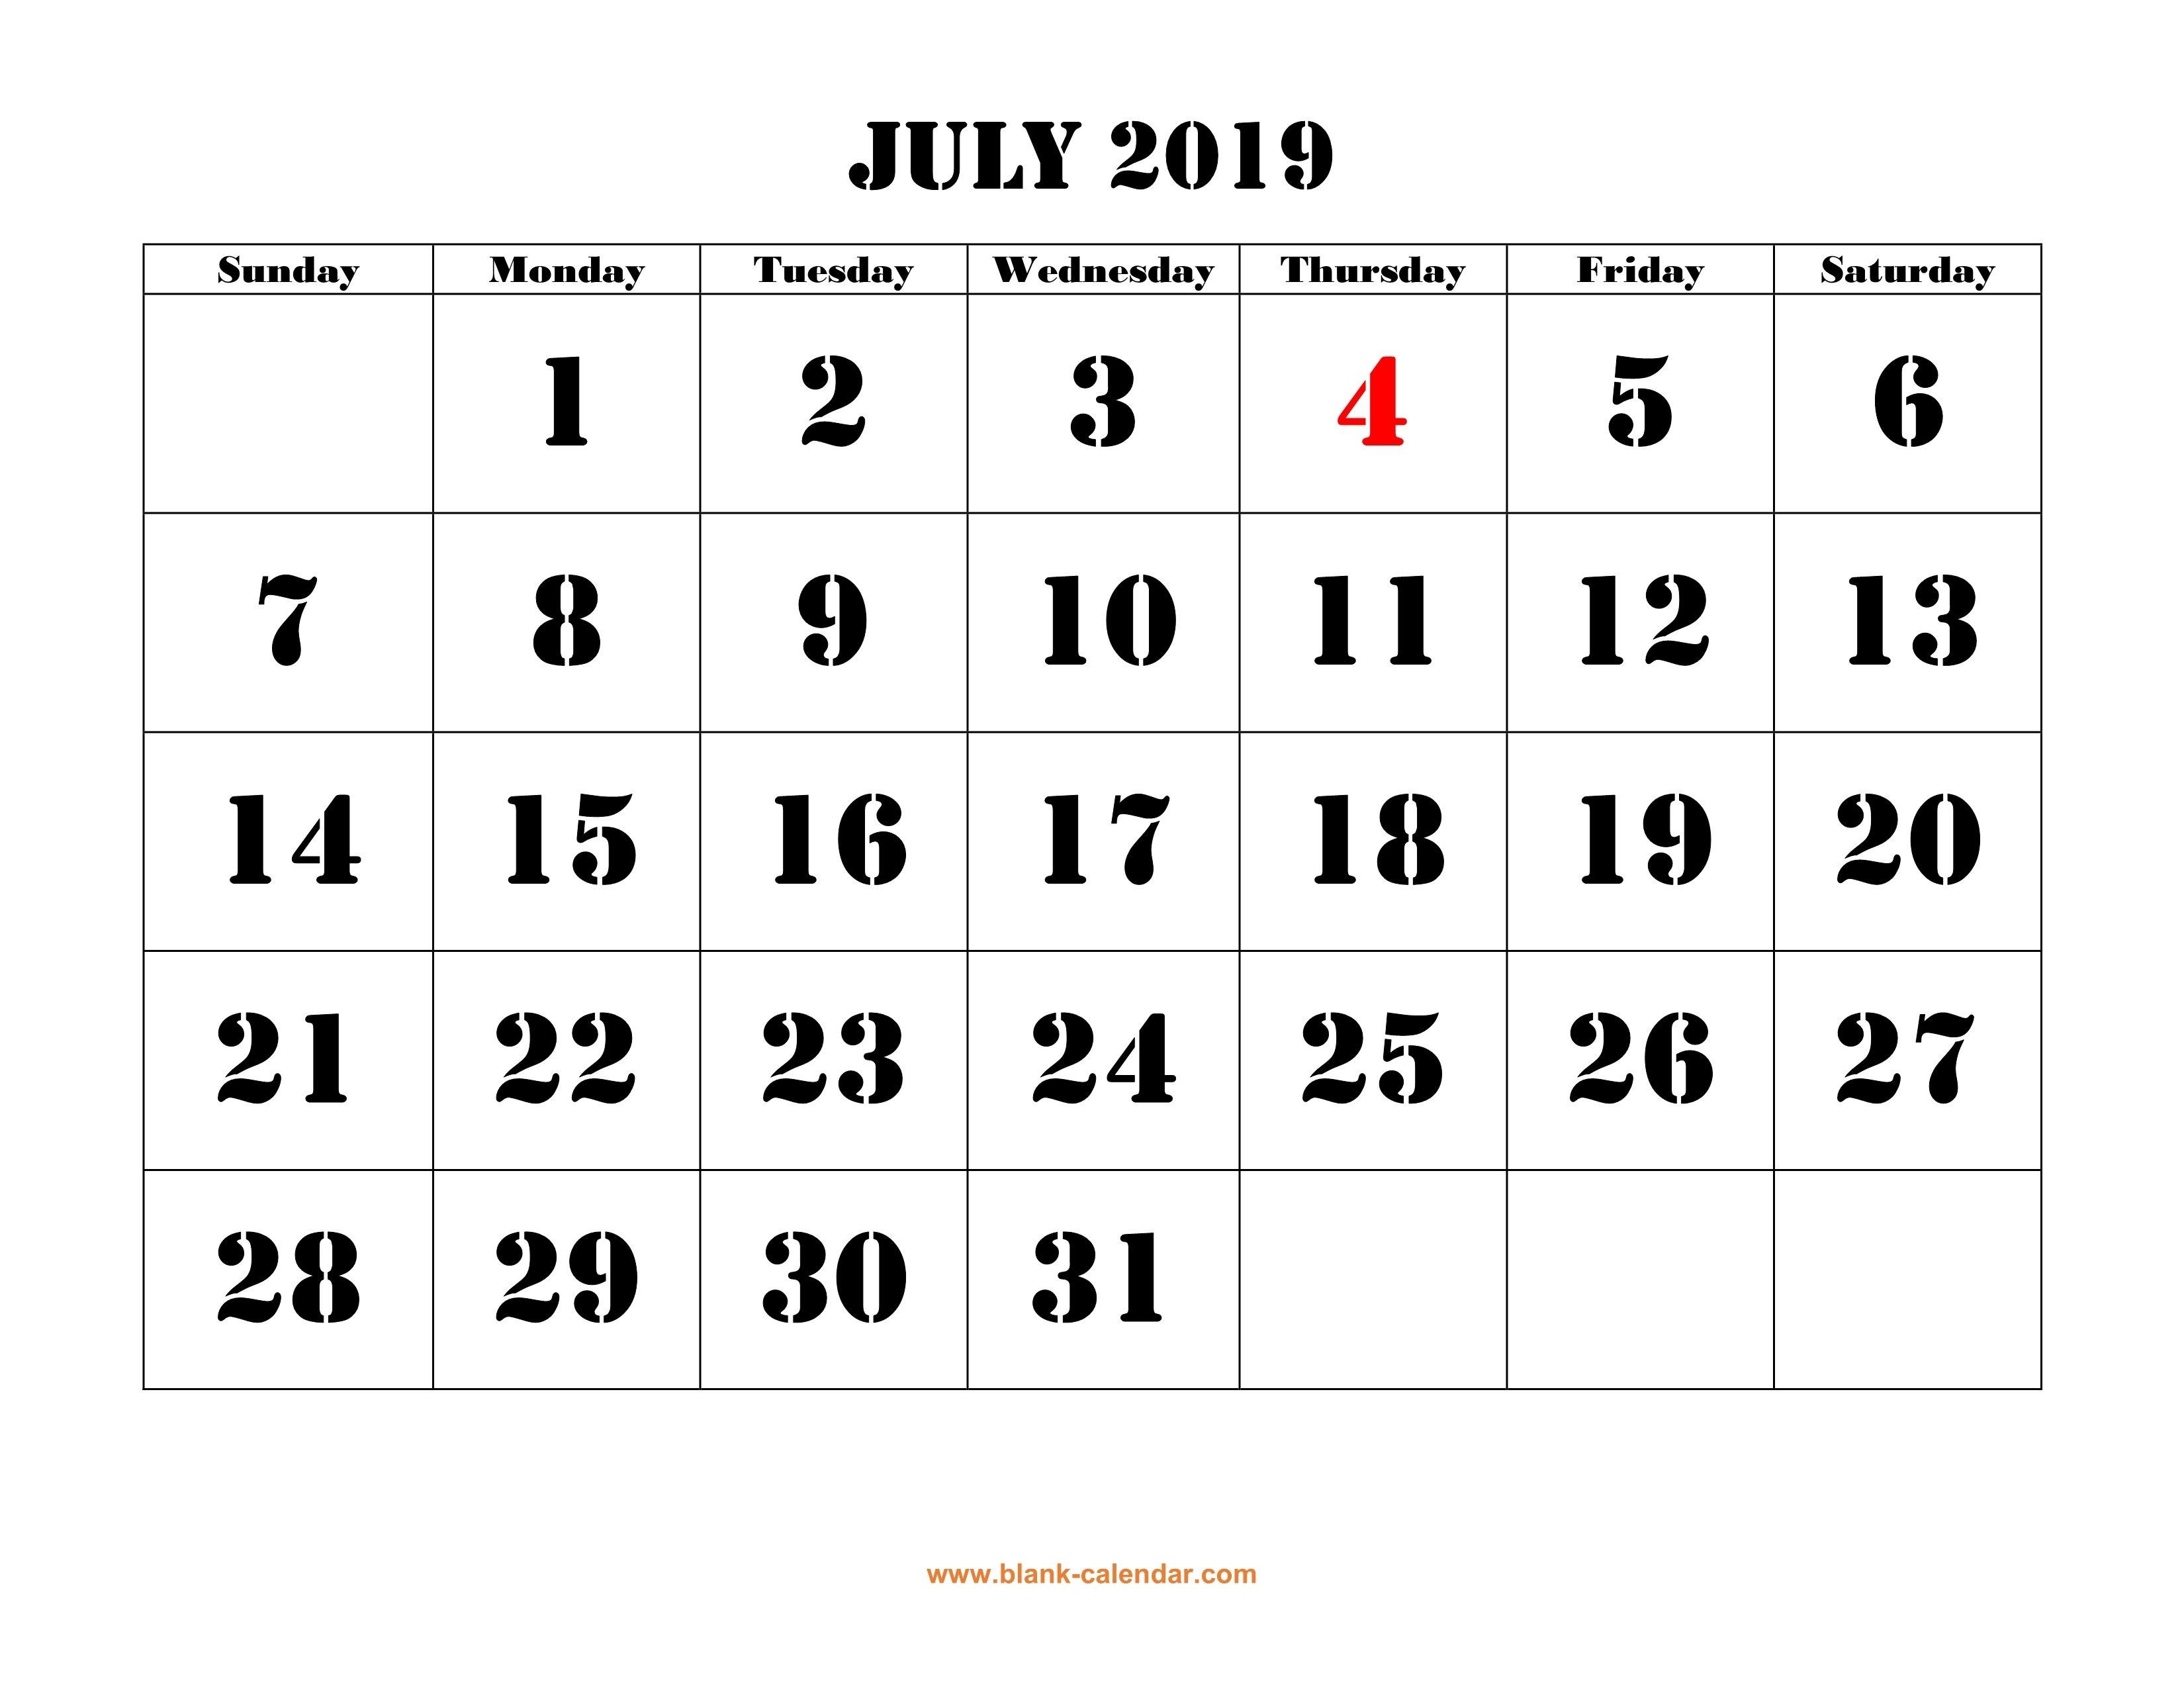 Free Download Printable July 2019 Calendar, Large Font Design July 2 2019 Calendar